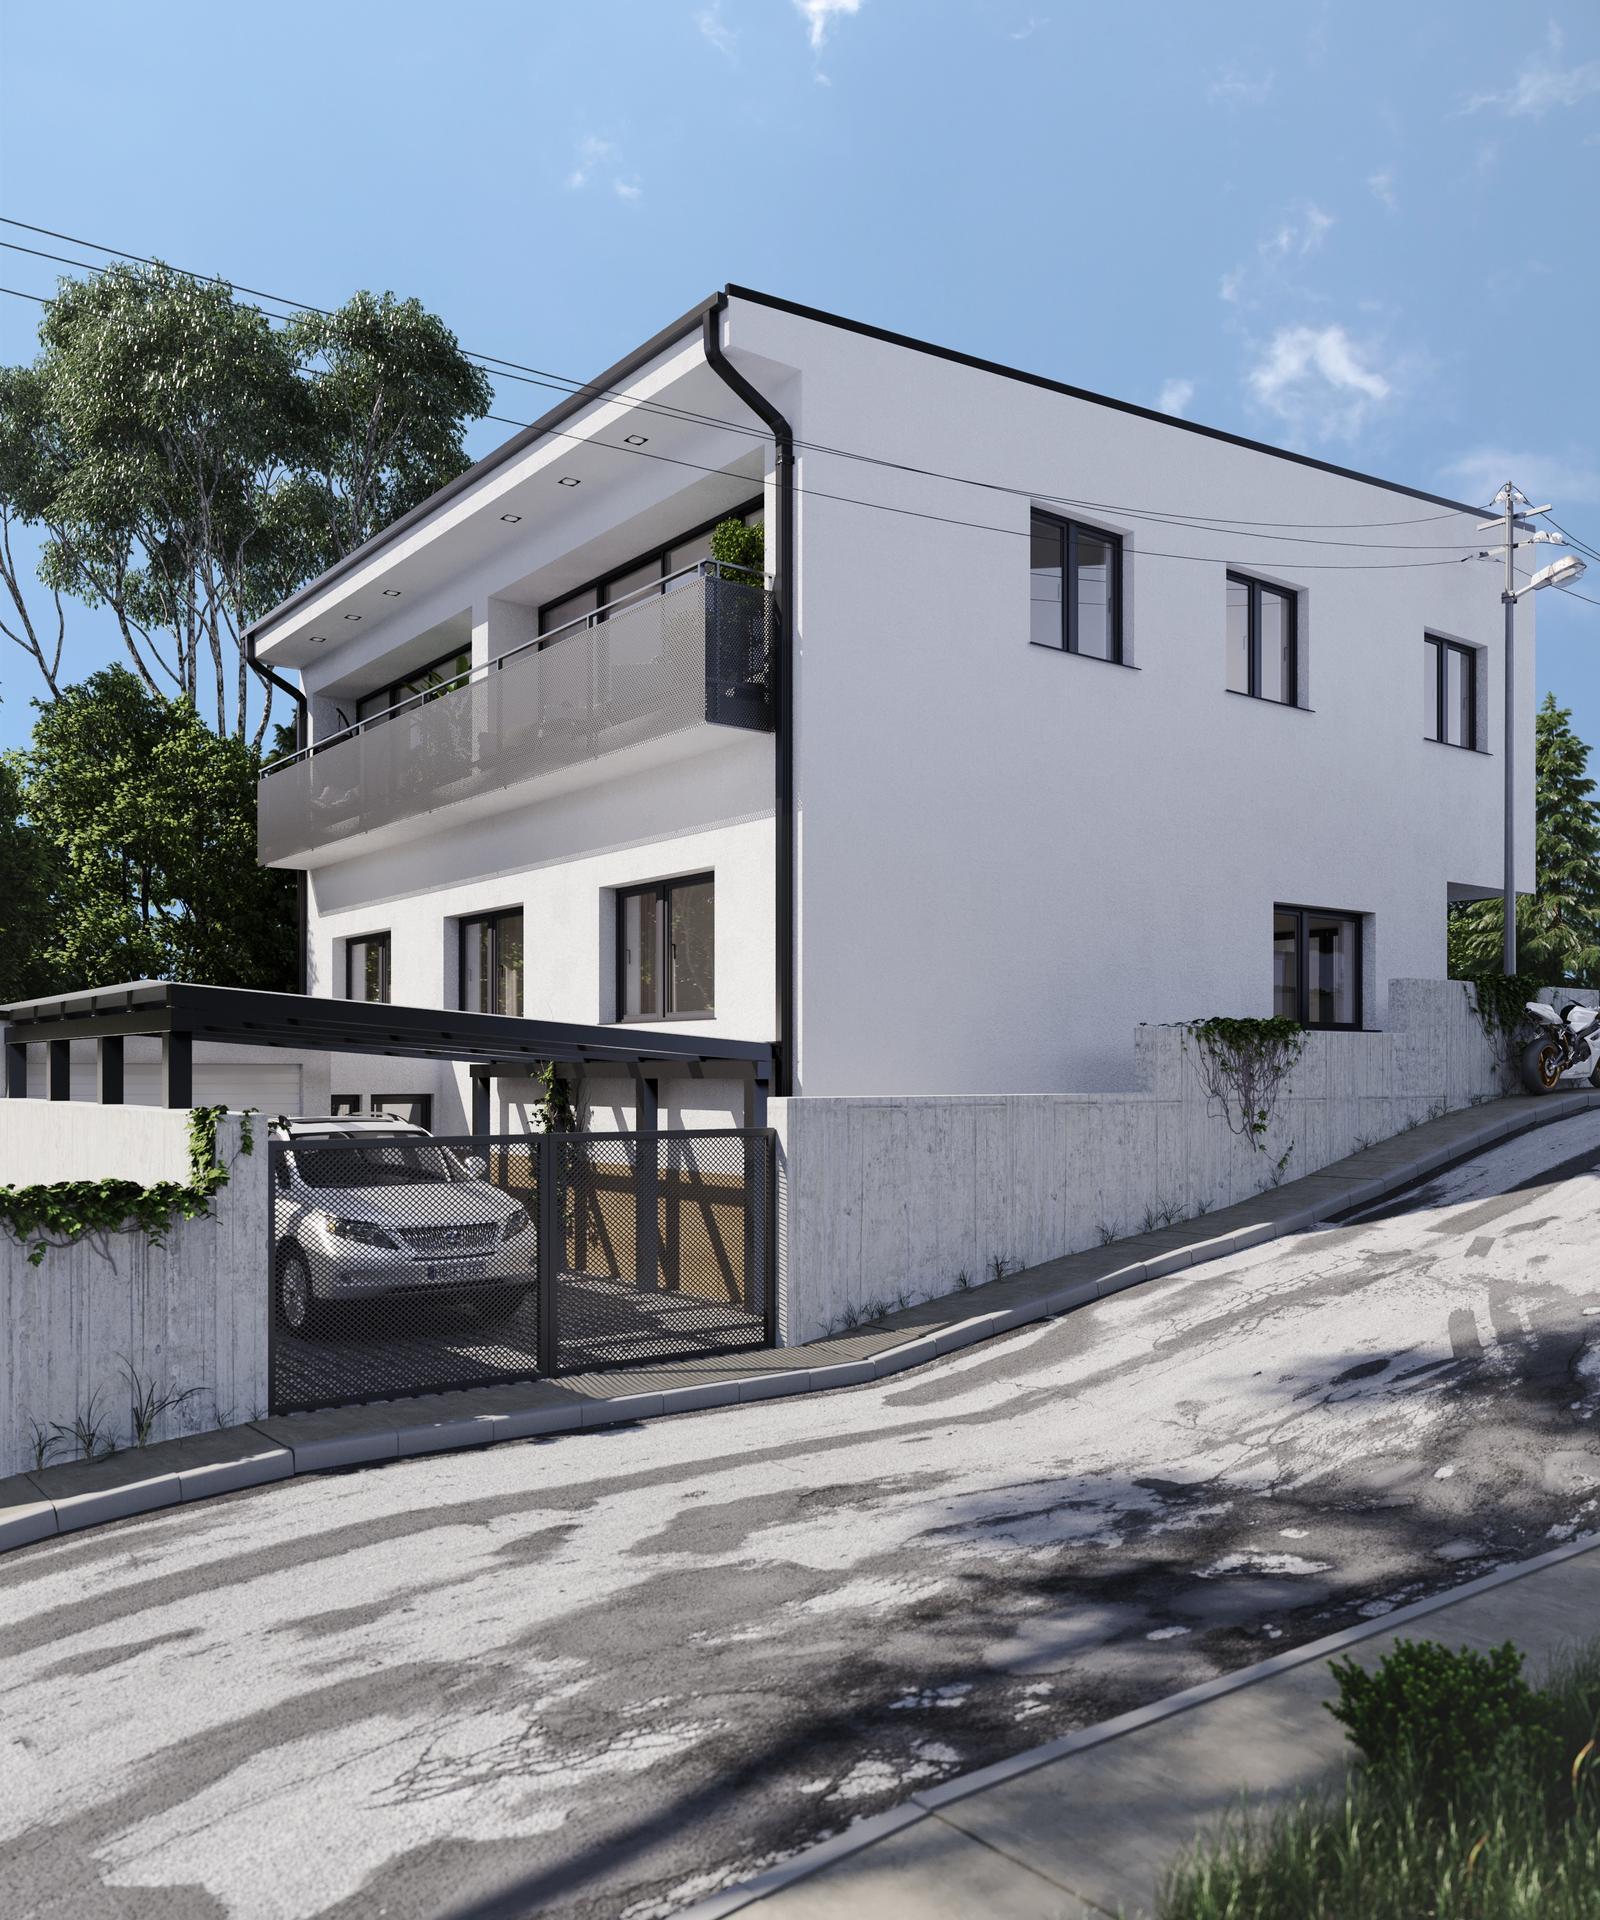 Prestavba podkrovia zo sedlovo valbovej na sedlovú strechu. - Predošlý projekt...Krok vedla čo nás stálo   - 6000 euro.